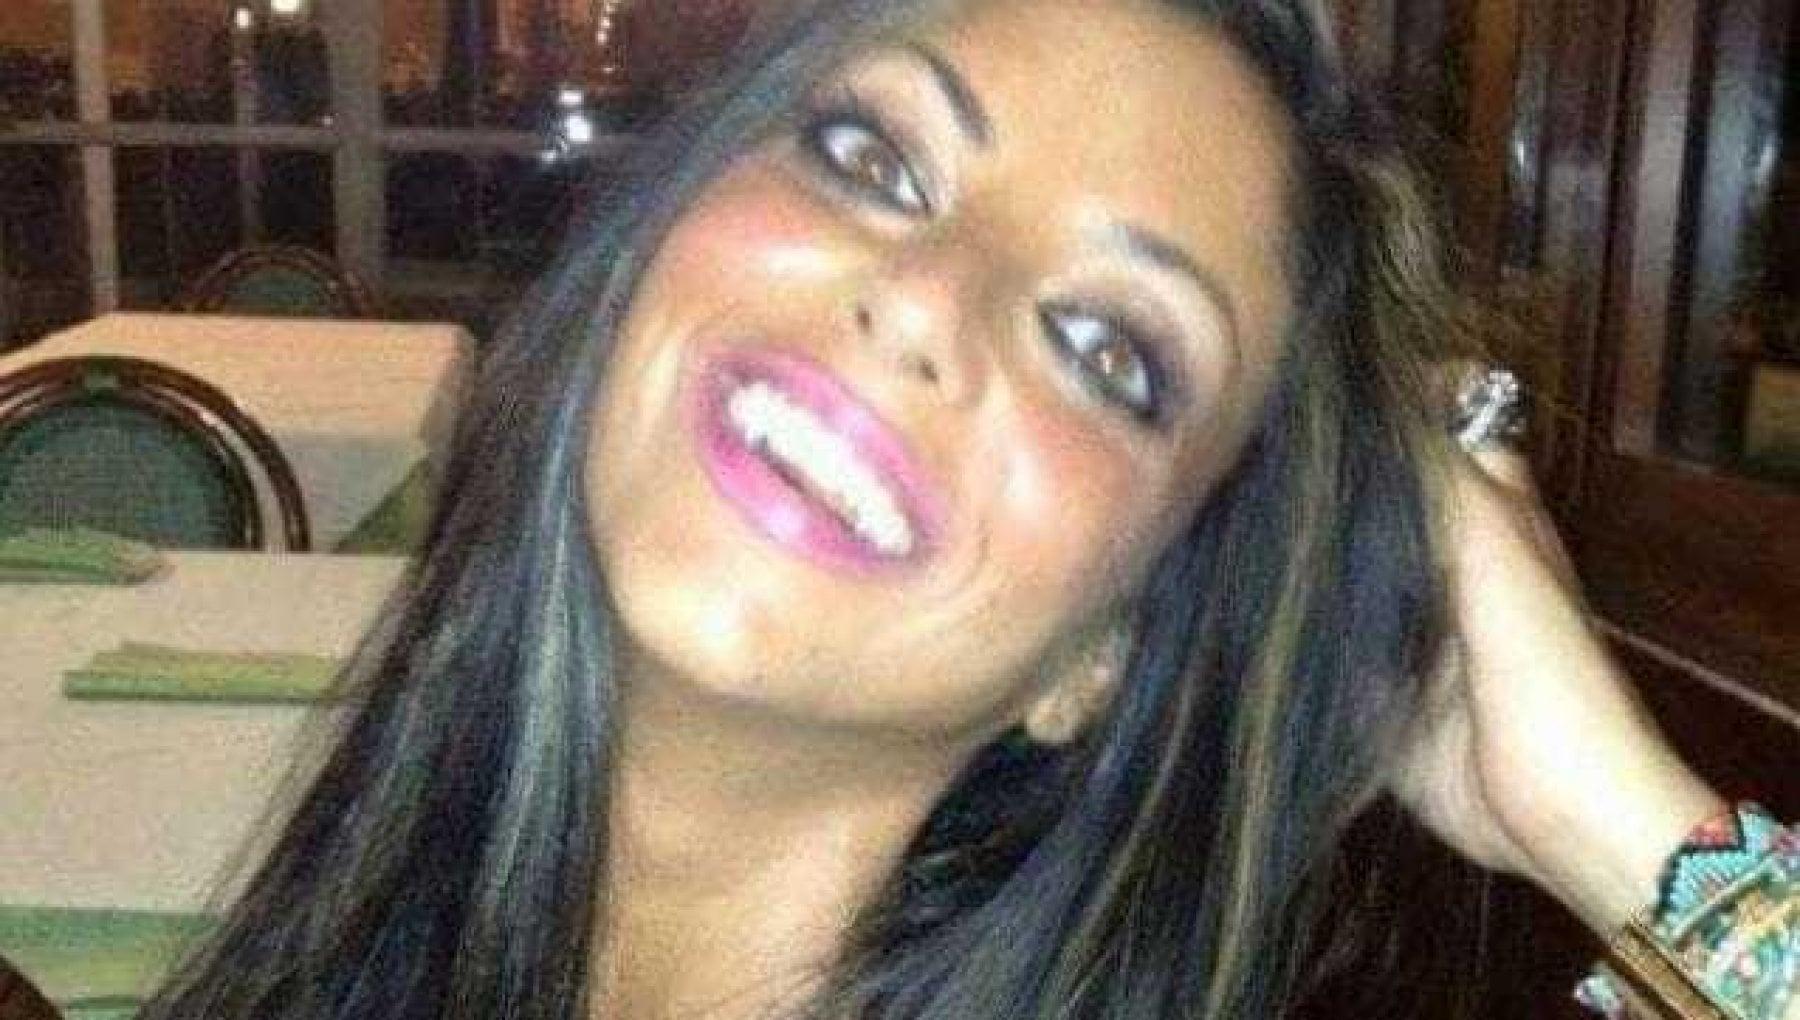 Morta suicida dopo video 19 anomalie su iPhone e tablet di Tiziana Cantone